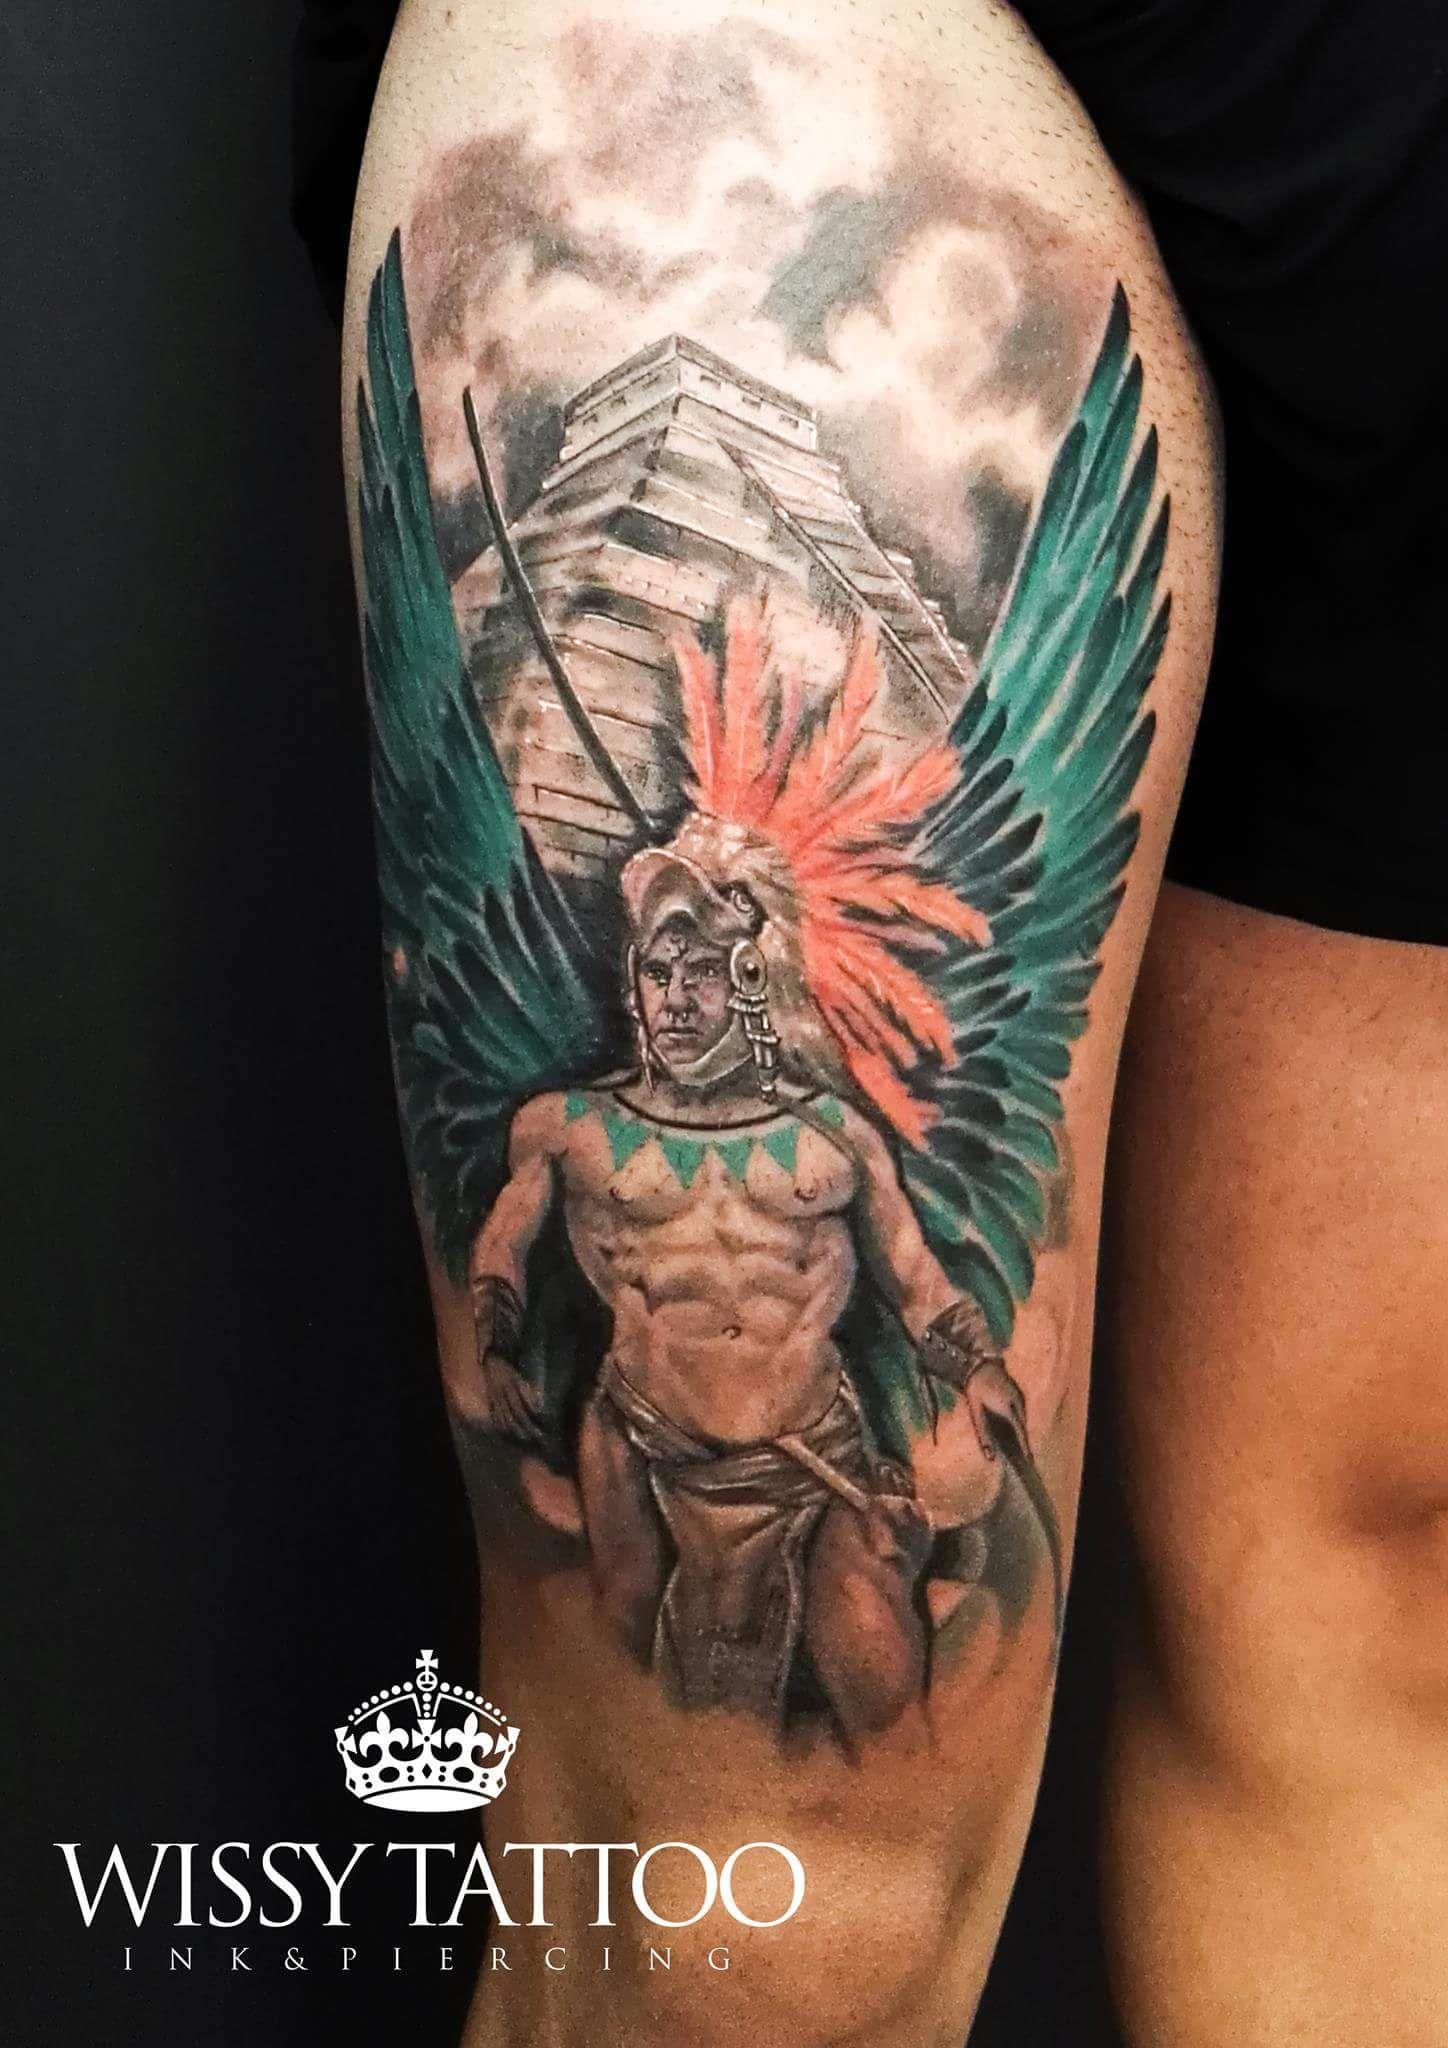 Wissy Tattoo Sevilla Spain Jennifertorres Tattoo Tatuaje Ink